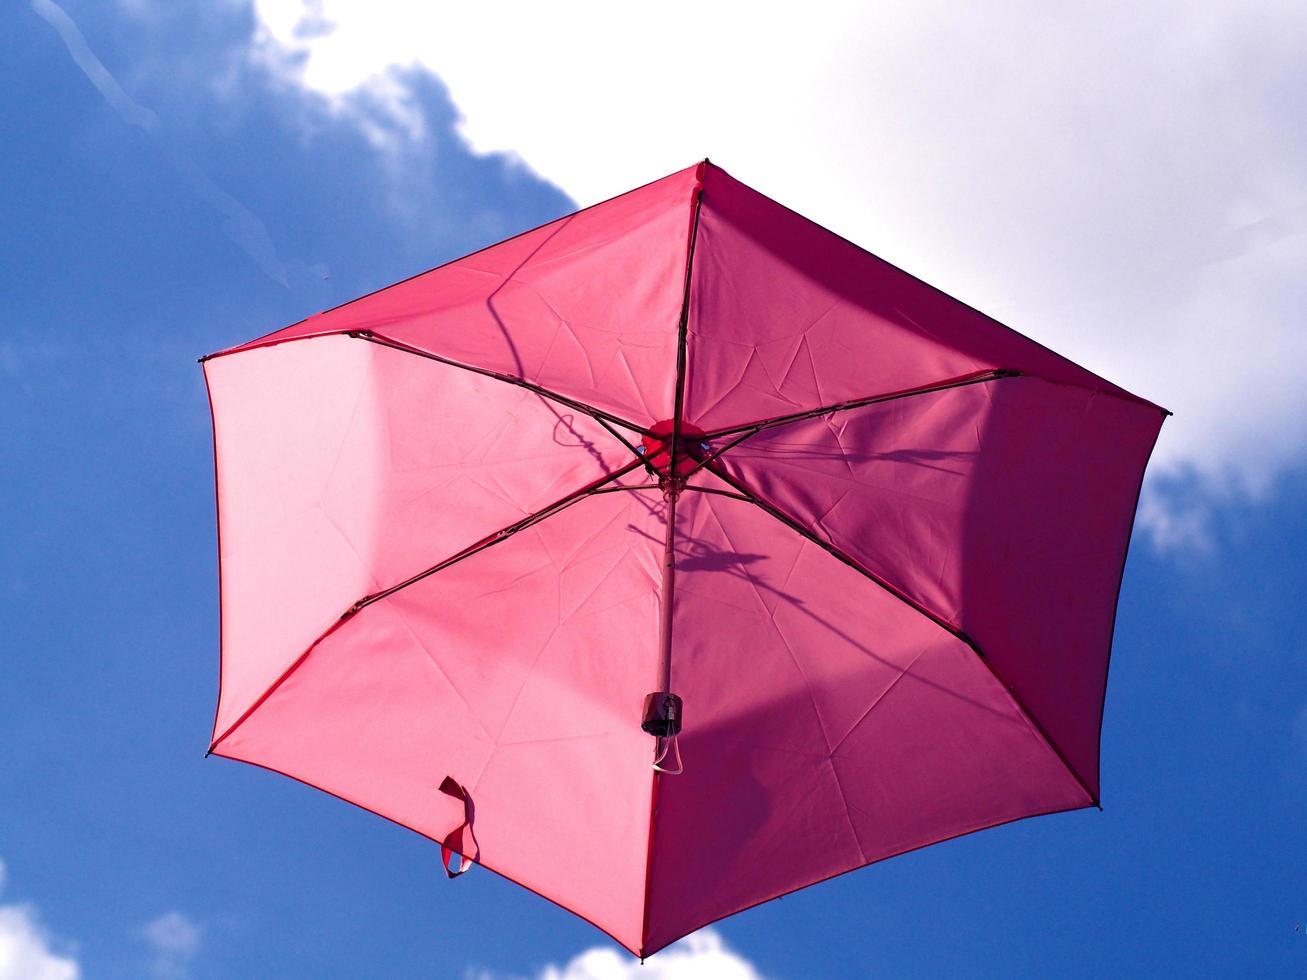 roze paraplu in de lucht foto